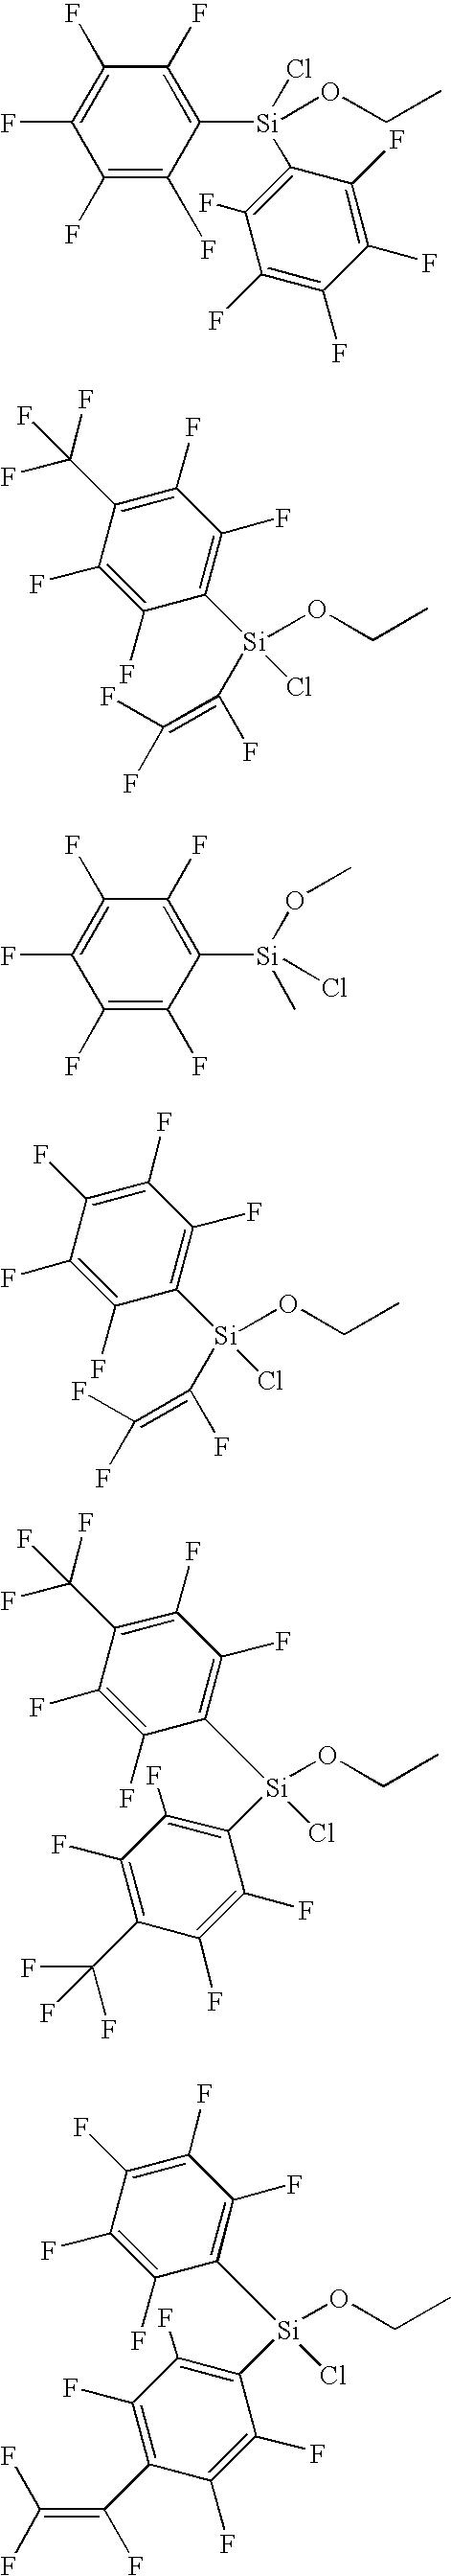 Figure US07473650-20090106-C00009